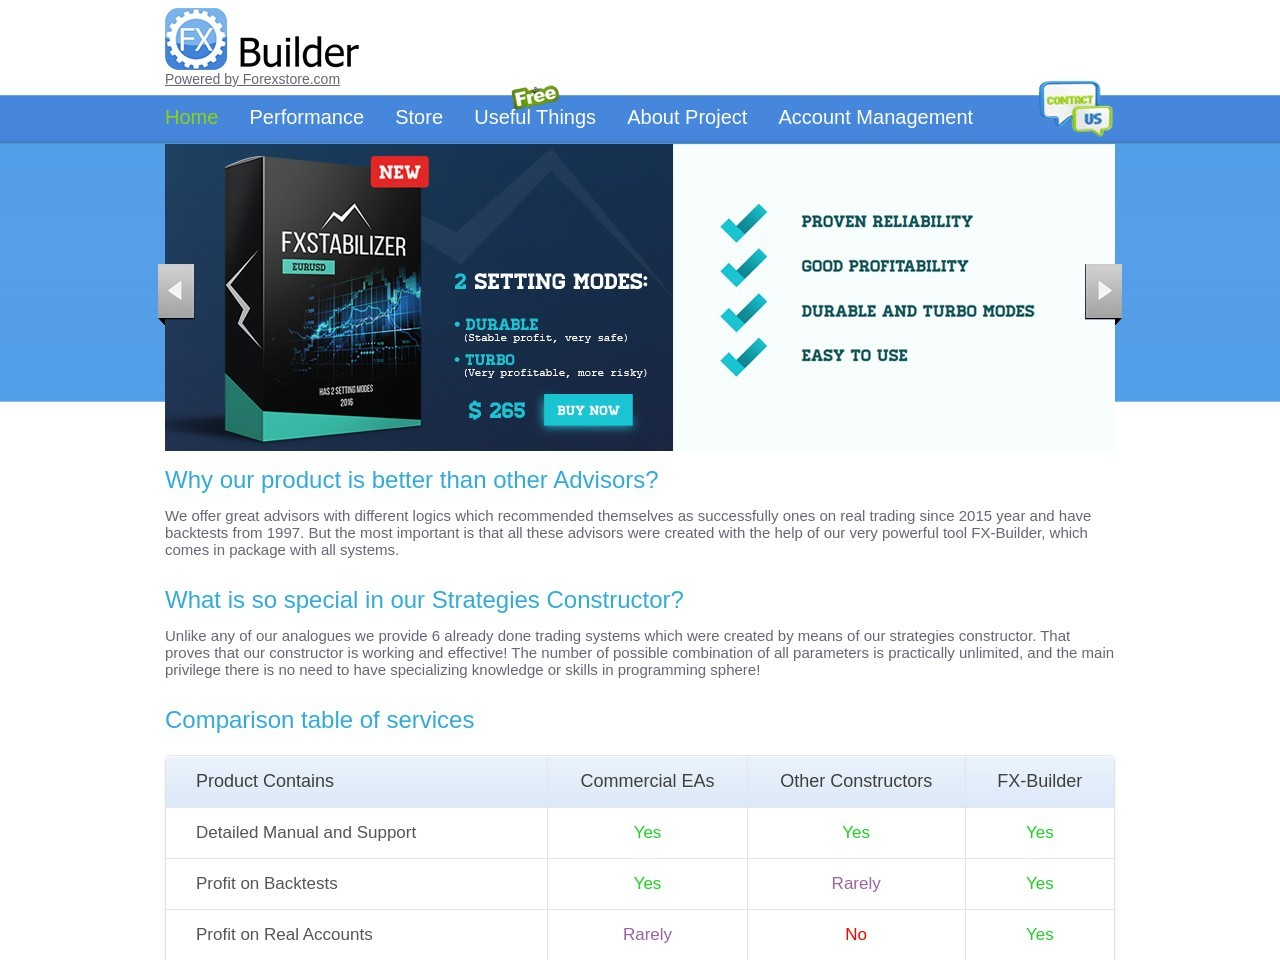 FX-Builder